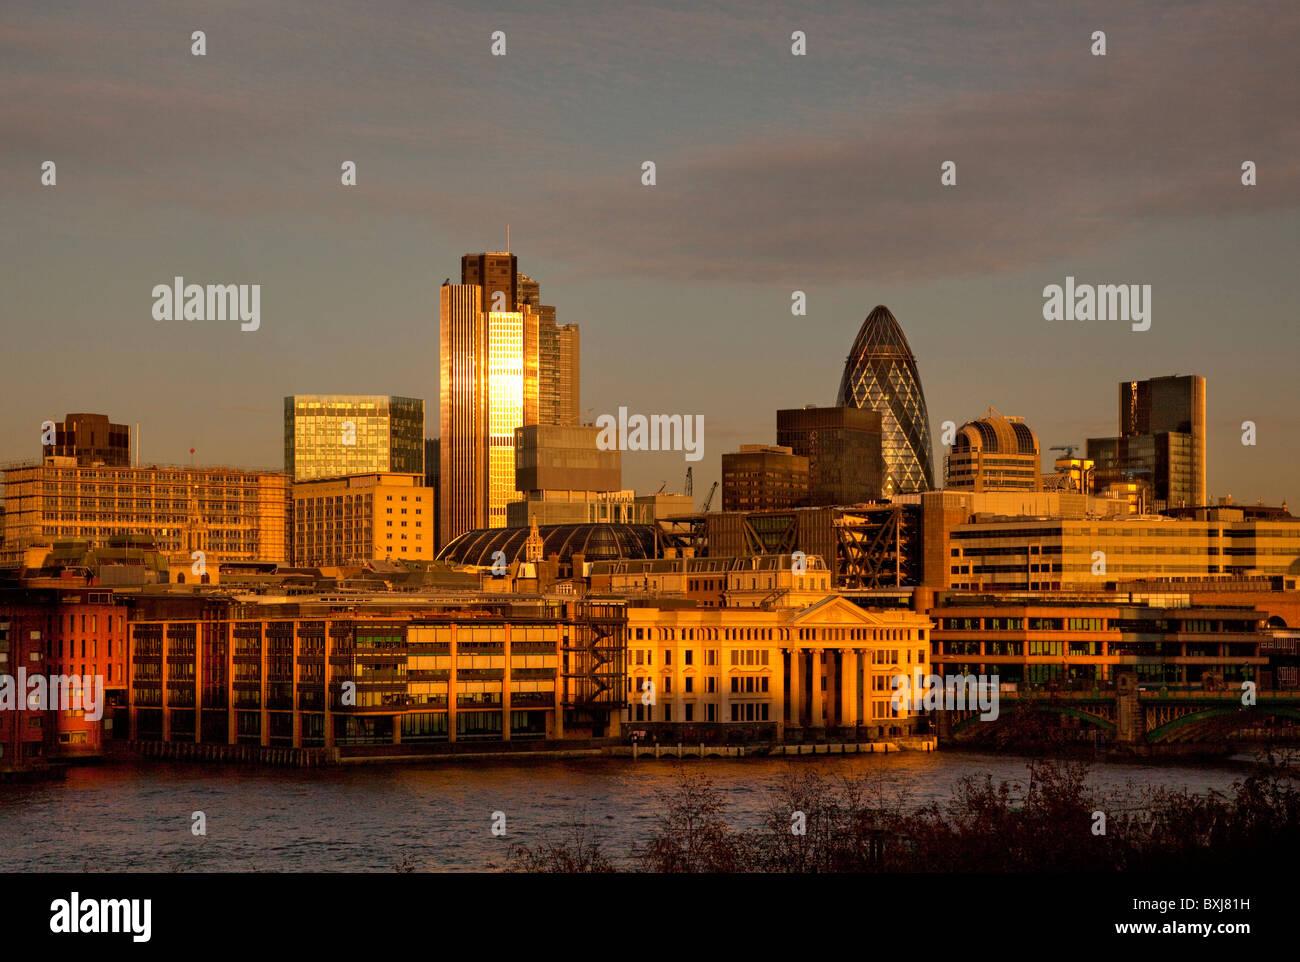 Am späten Nachmittag Licht auf die Skyline der Stadt finanziellen Bezirk Quadratmeile, London, England Stockbild